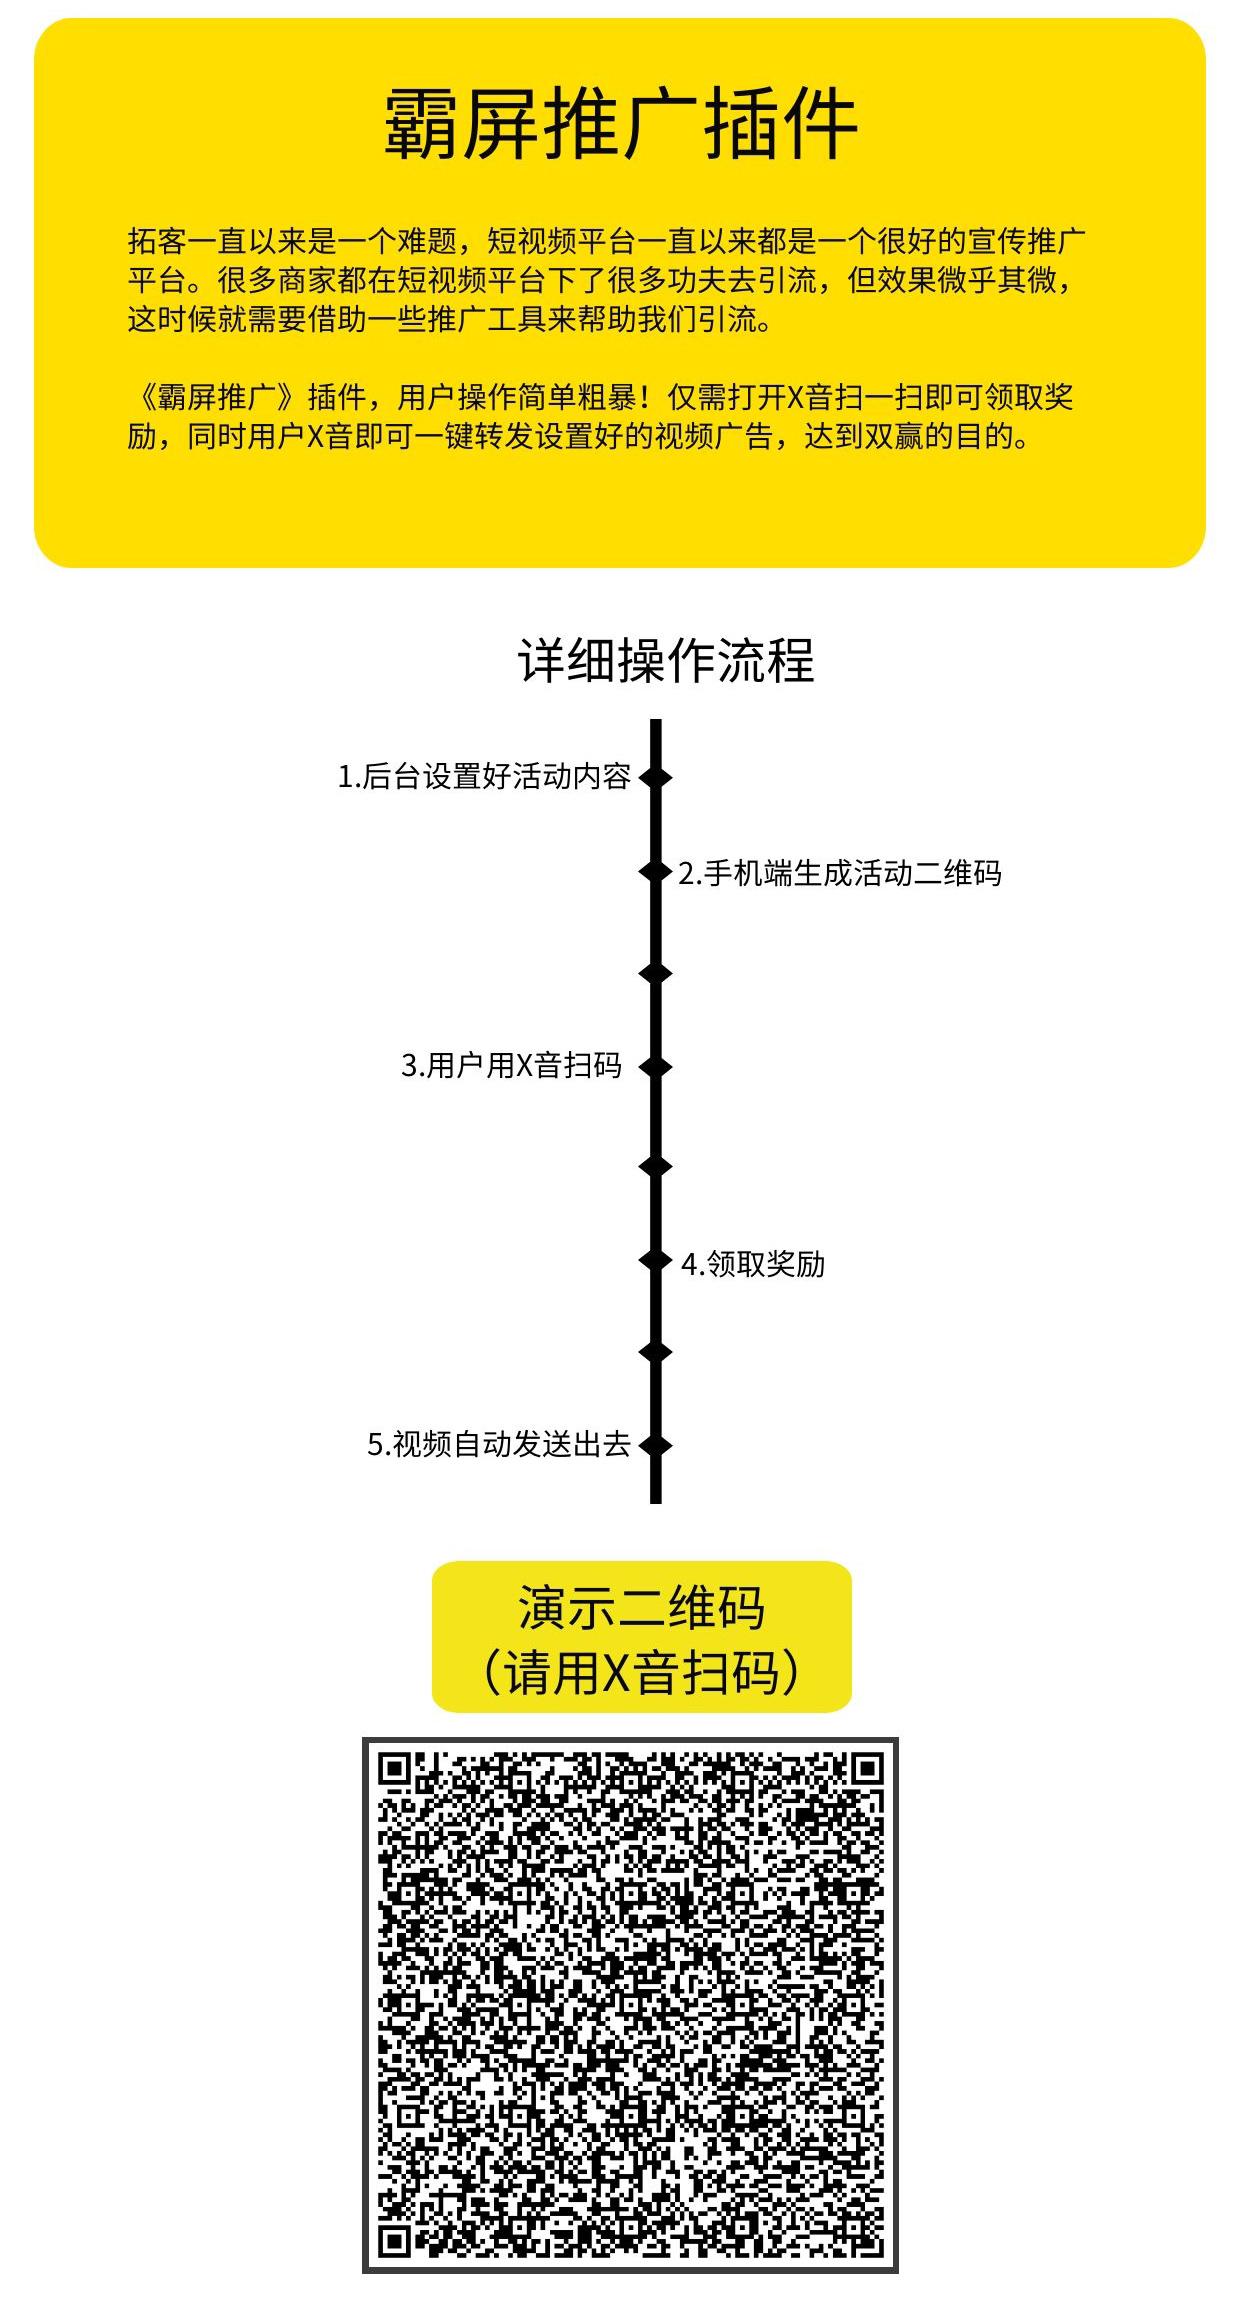 朋友圈霸屏_02.jpg